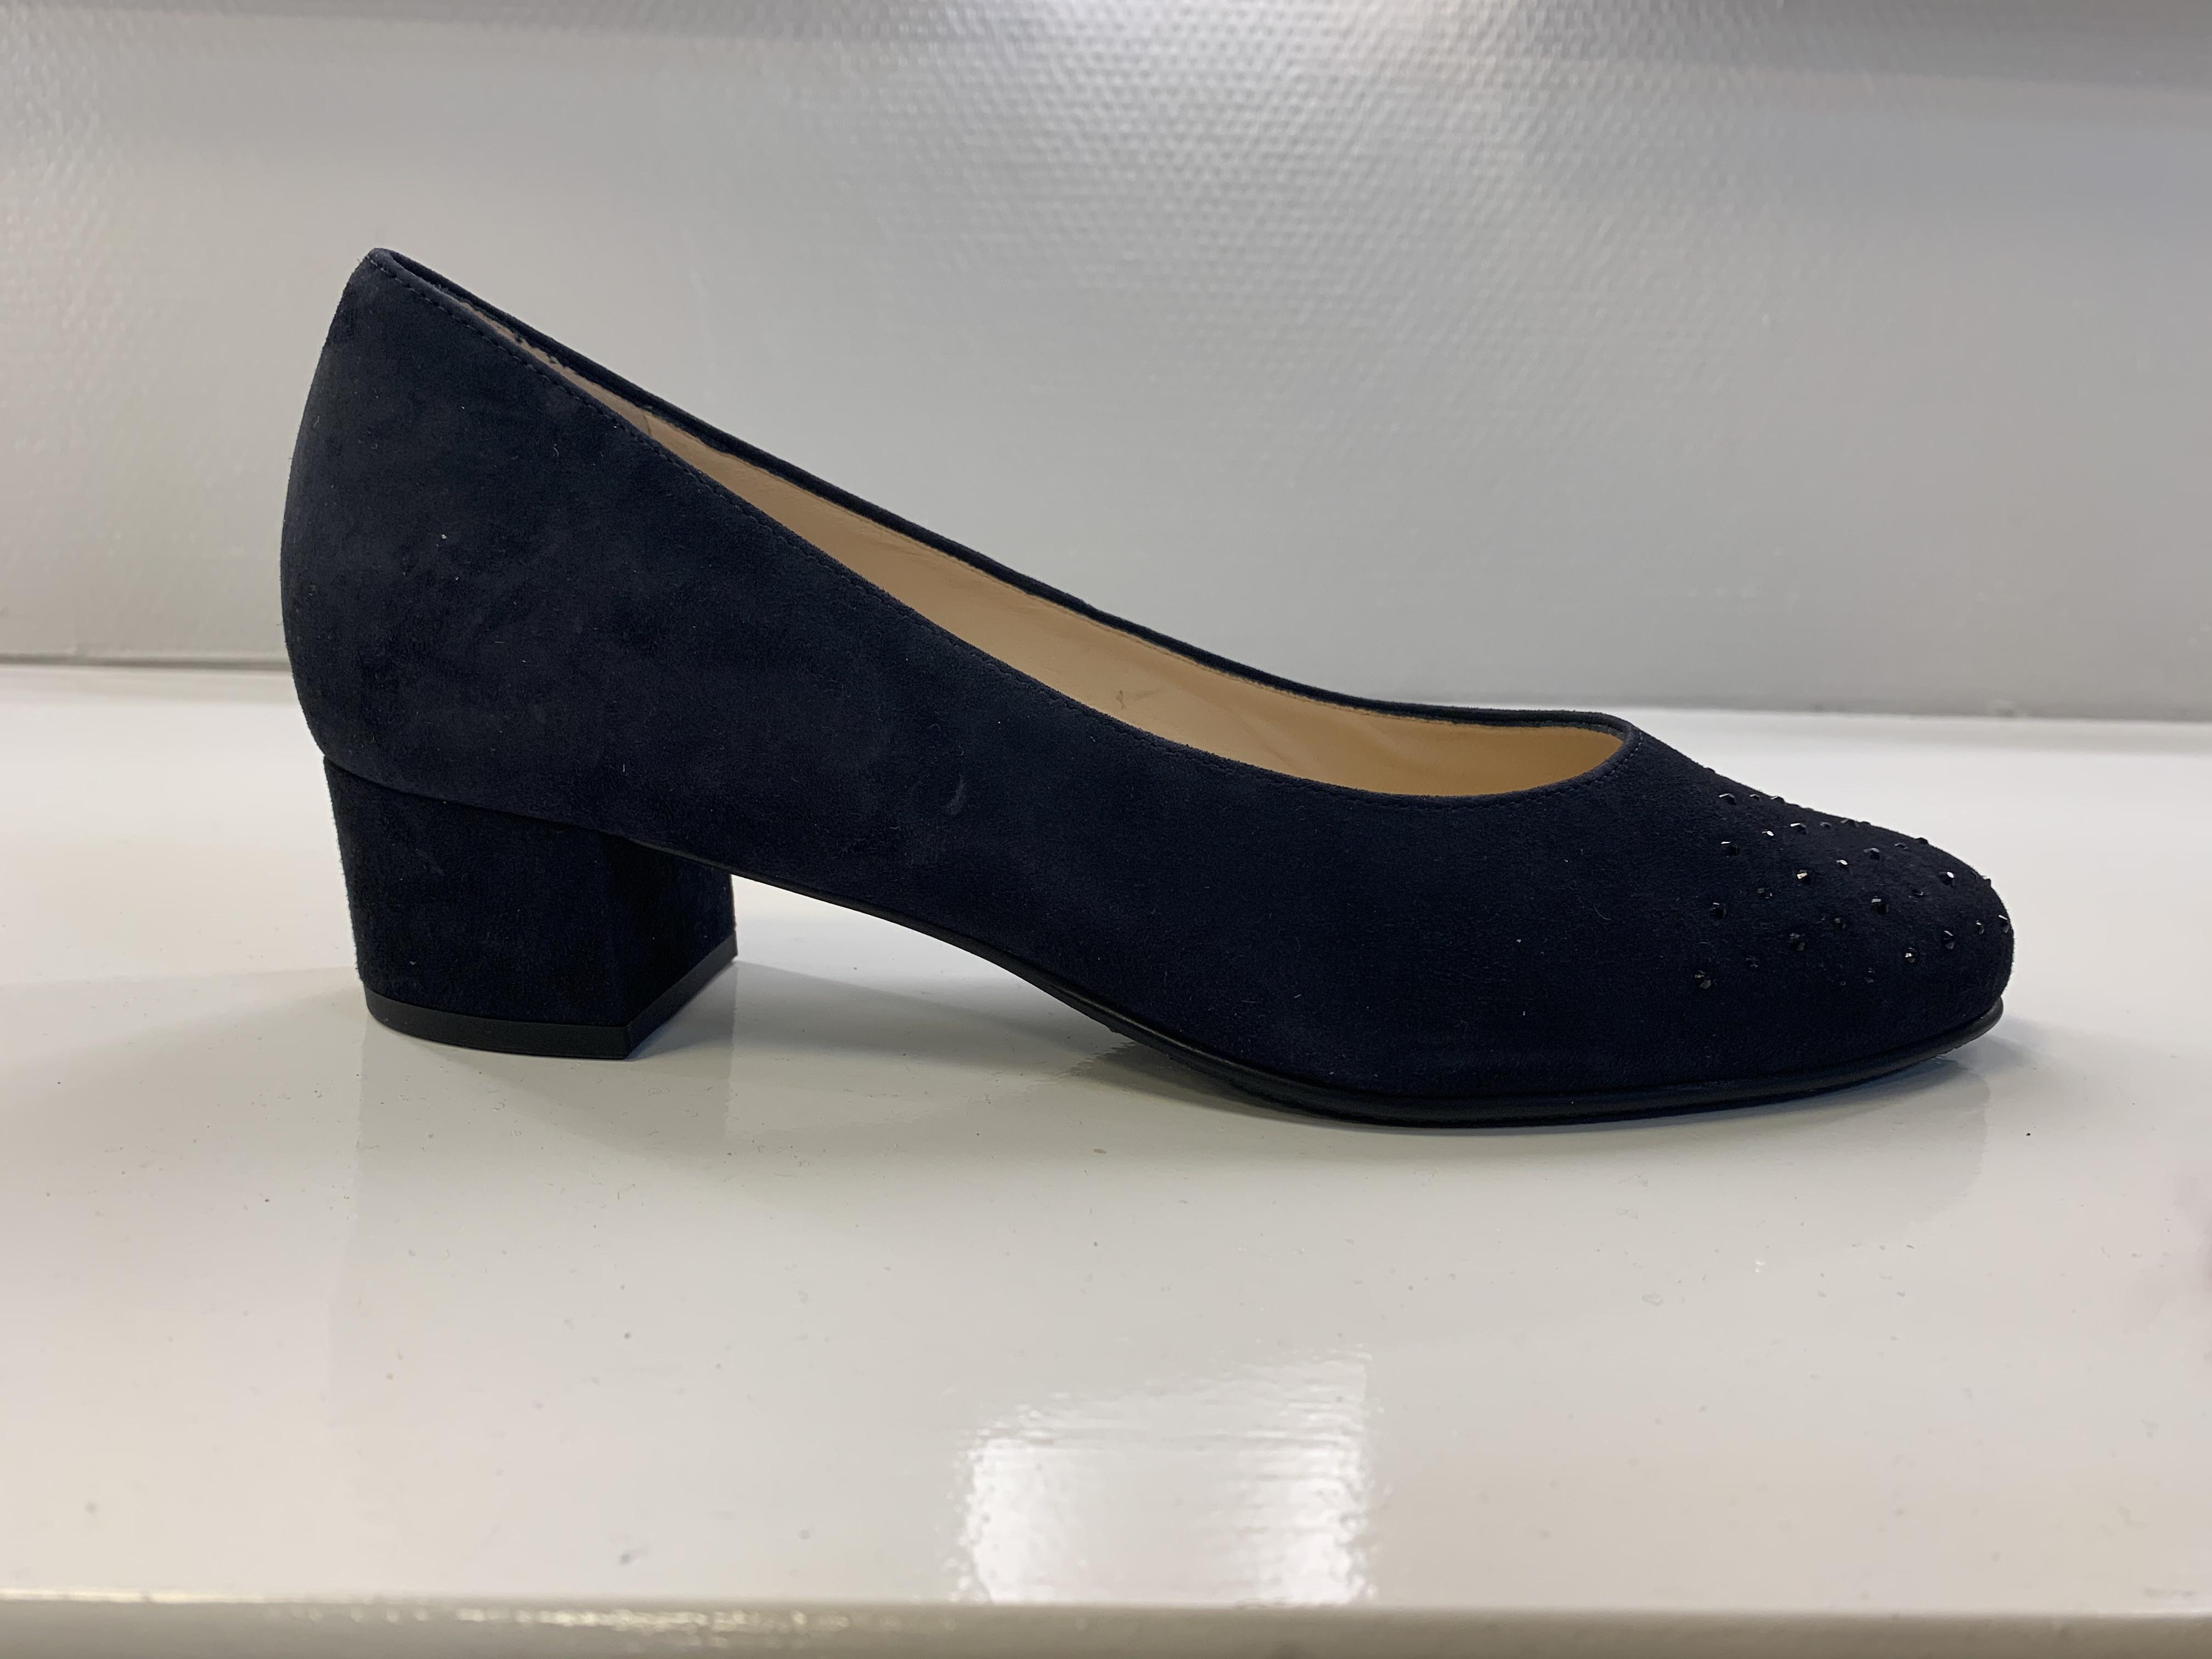 Blauwe suede Hassia pump met 3 cm hak. De neus van de schoenen is voorzien van Swarowski stenen. Schoenen zijn gevoerd met huidvriendelijk kafsleer. Uiteraard zijn de pump voorzien van uitneembare voetbedden.